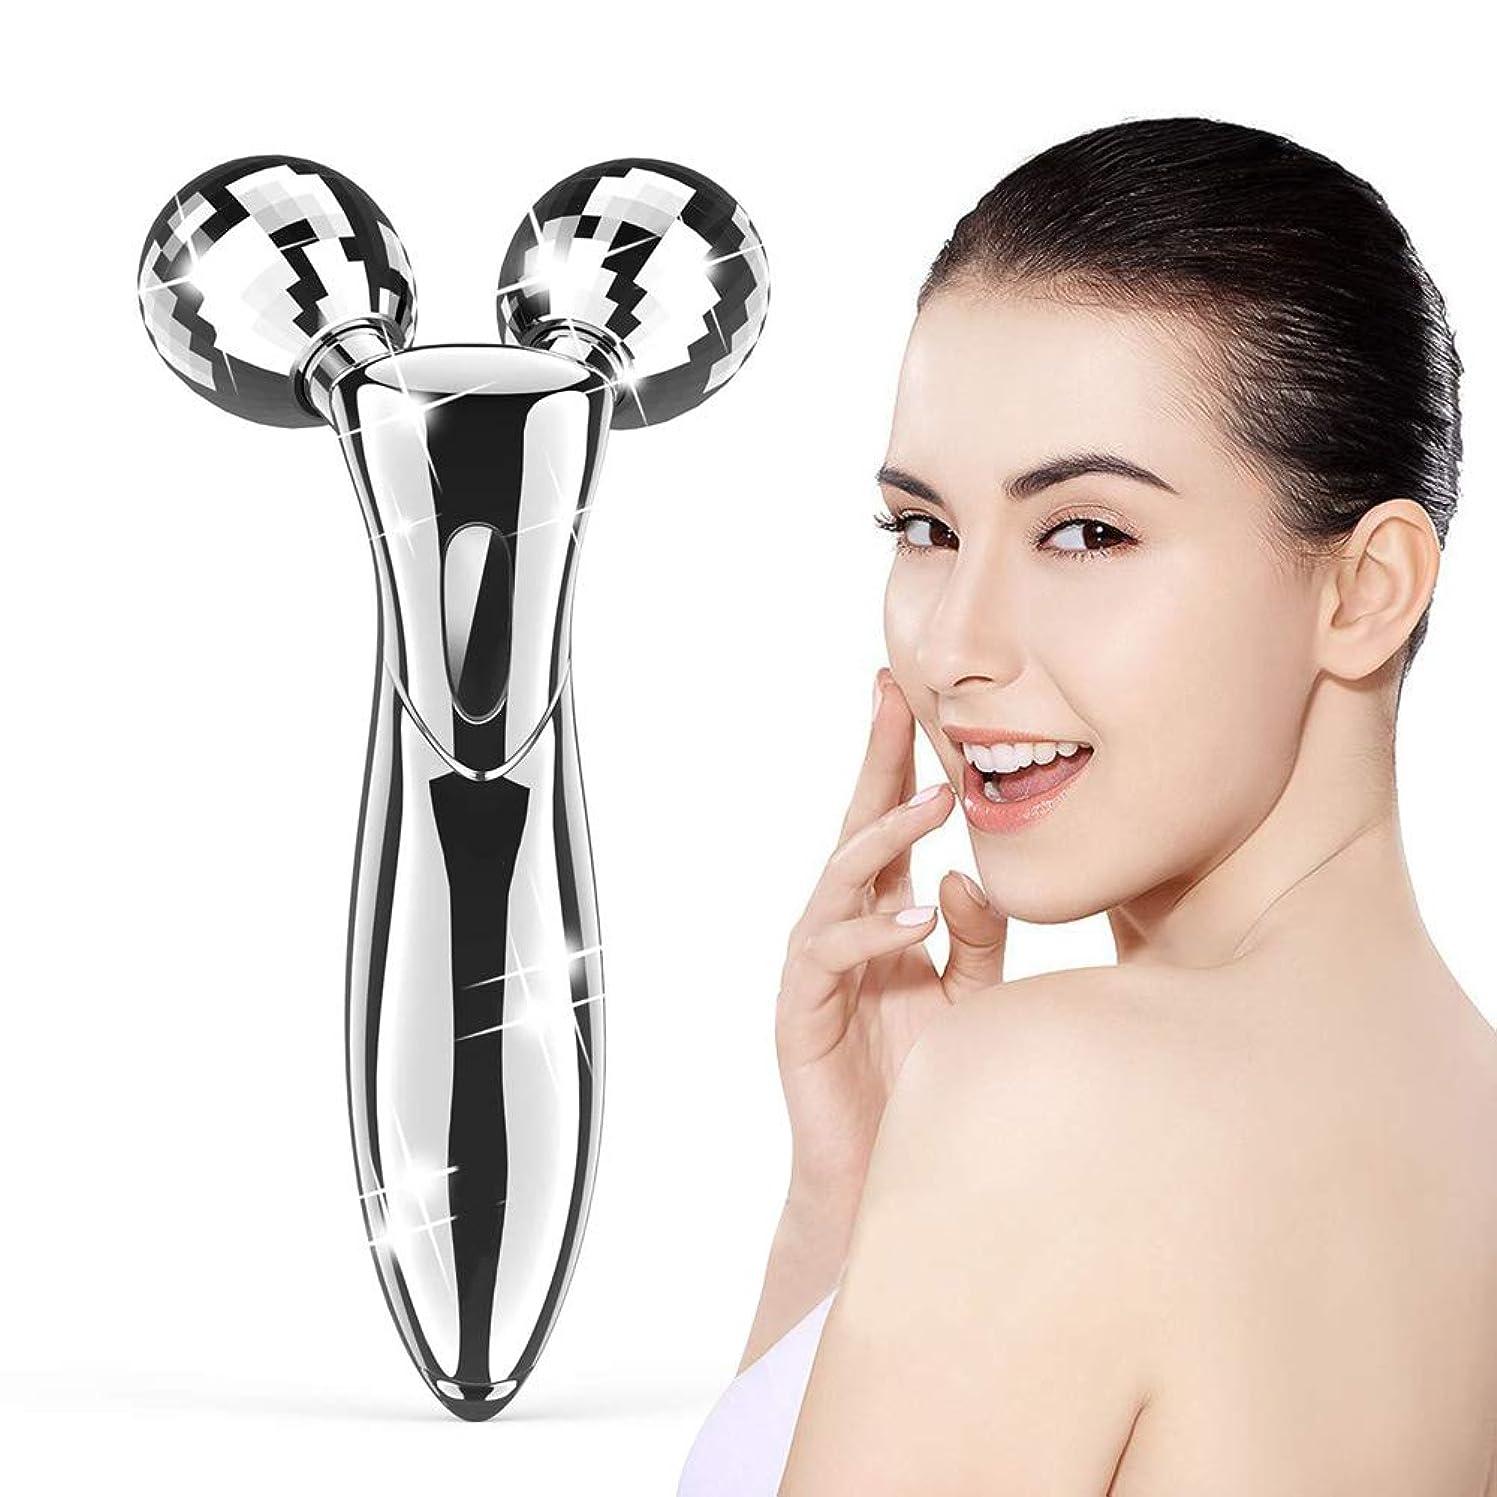 ソブリケット類推一節美容ローラー 美顔ローラー フェイスローラー 美顔器 V字型 マイクロカレント マッサージローラー 3D ボディーローラー 充電不要 ほうれい線改善 防水 ギフト